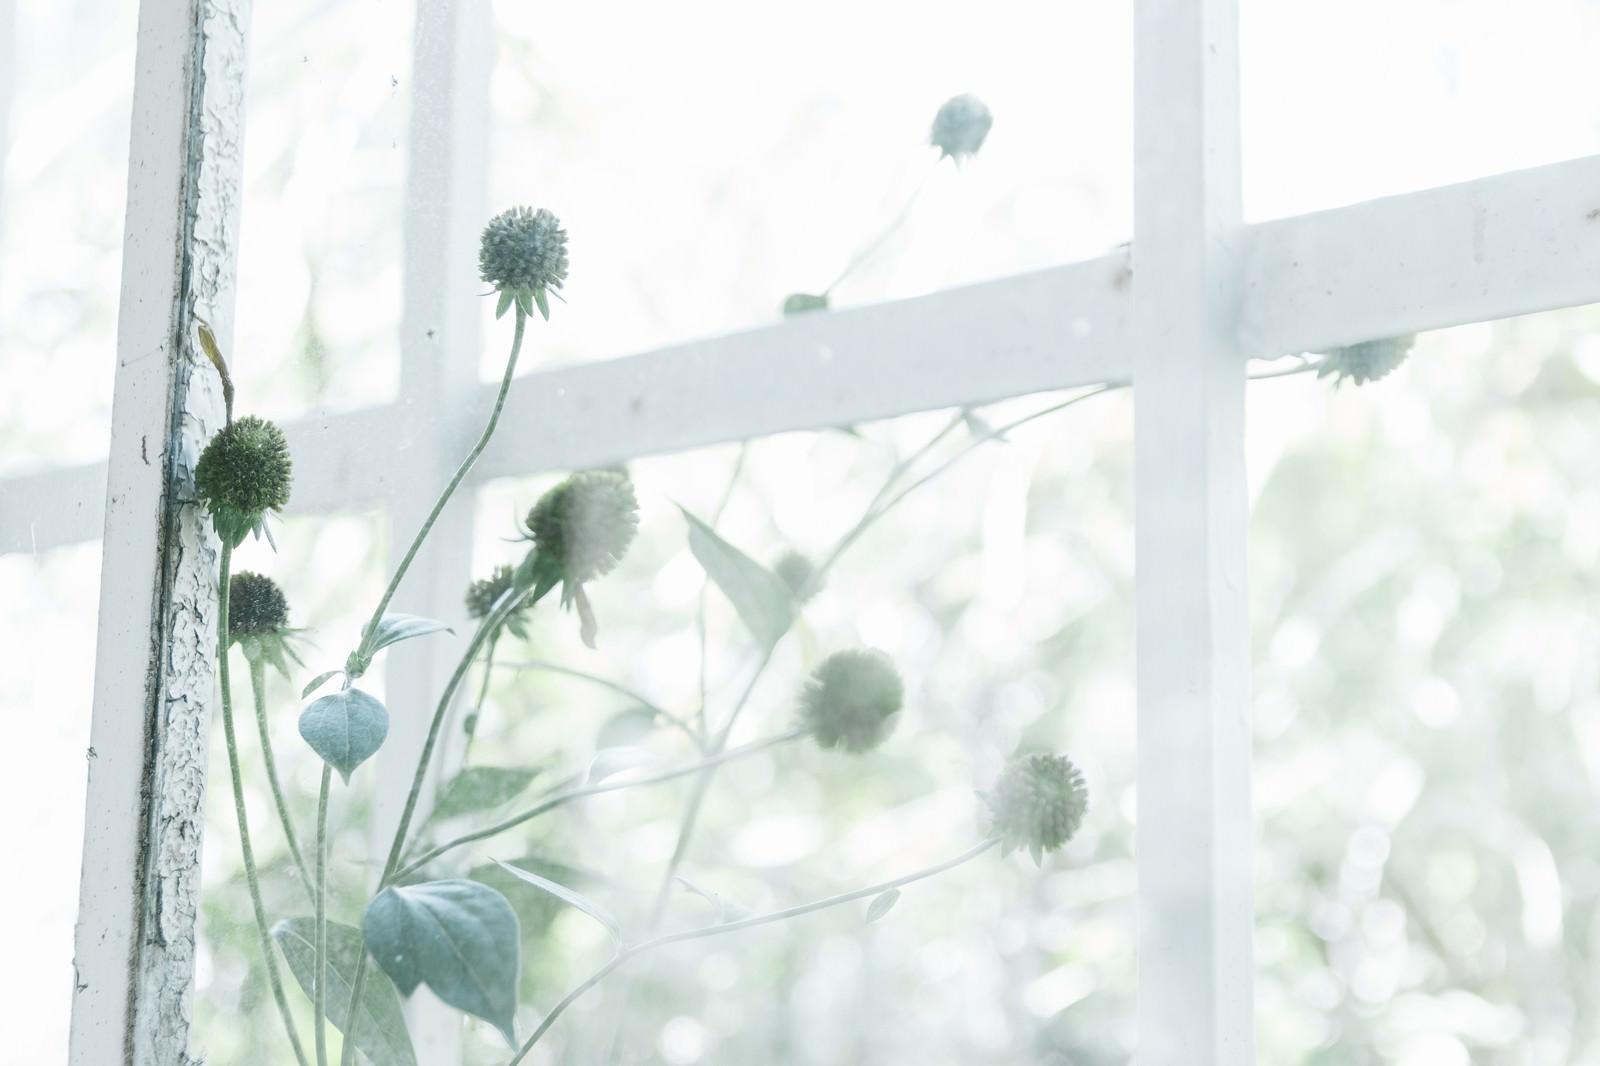 「古びた窓枠と植物」の写真